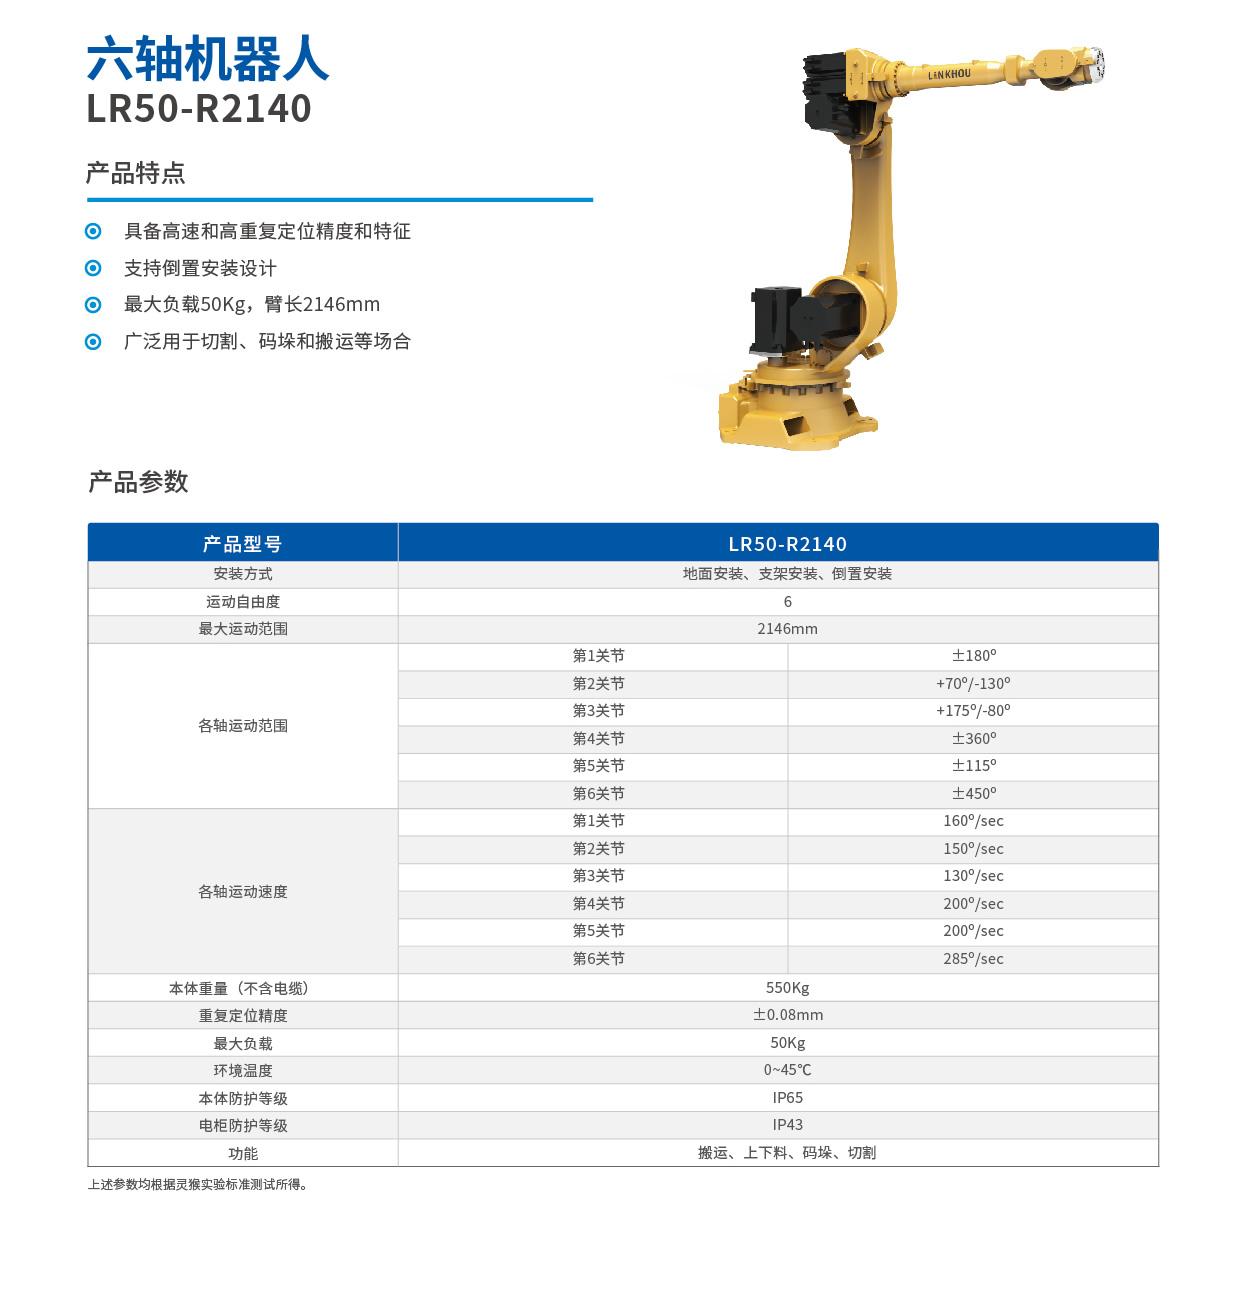 靈猴 LR50-R2140 六軸機器人.jpg